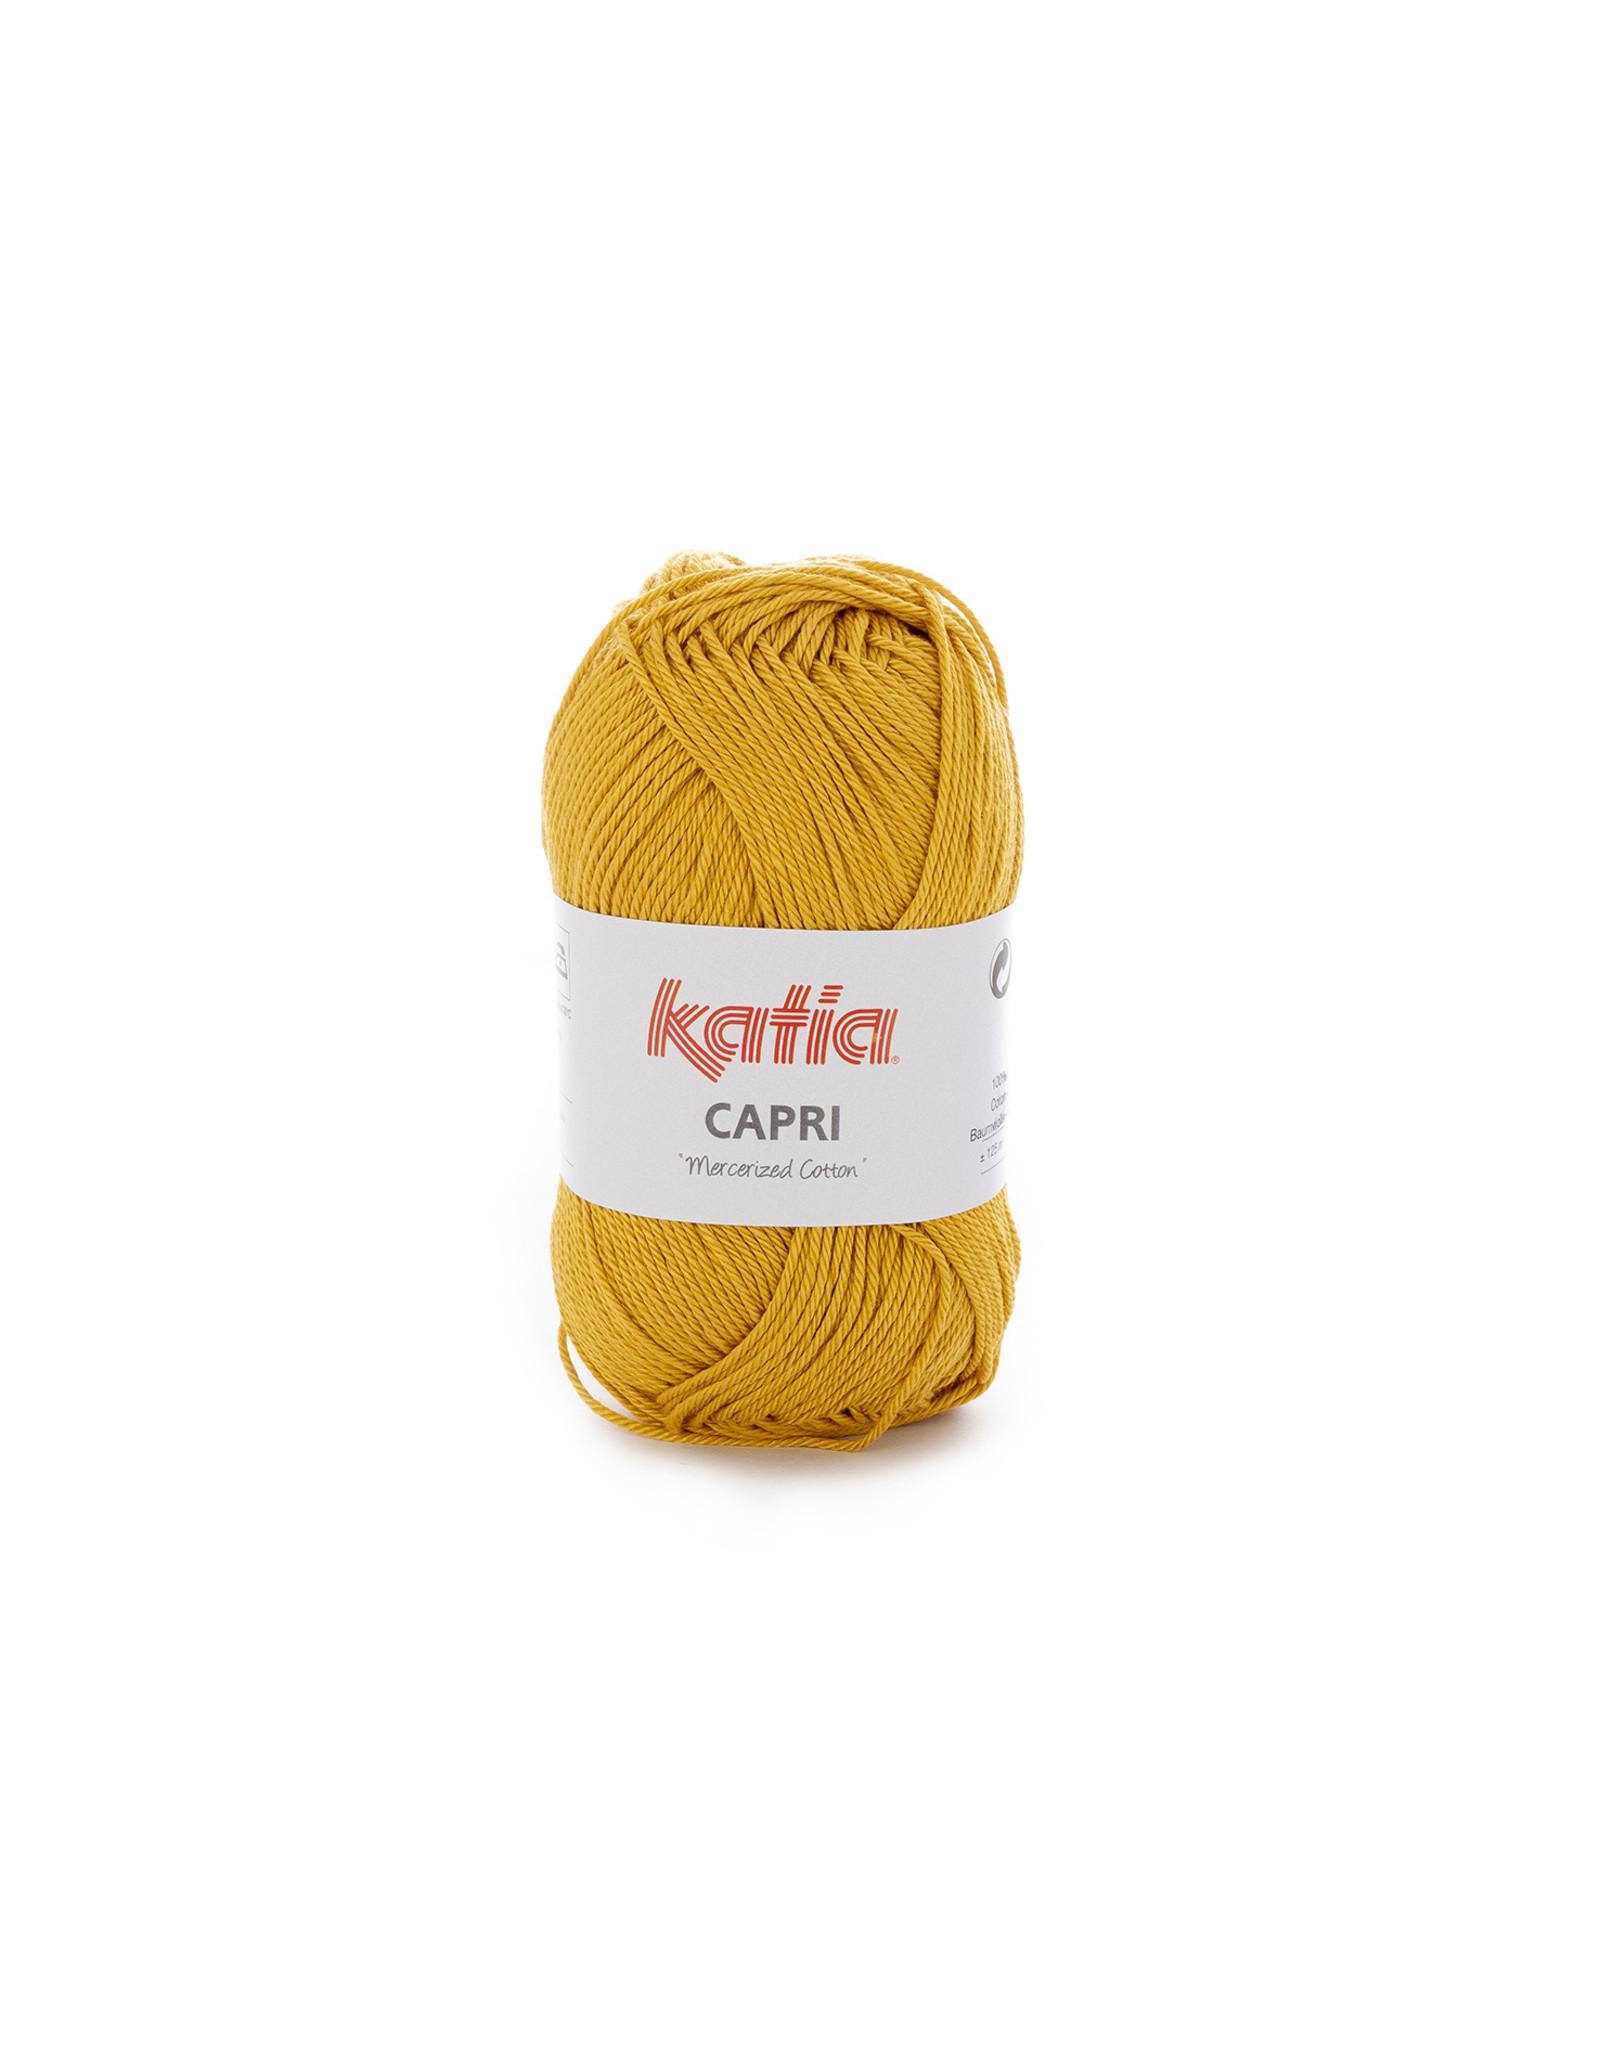 Katia Katia Capri - kleur 144 Mosterdgeel - bundel 5 x 50 gr. / 125 m. - 100% katoen